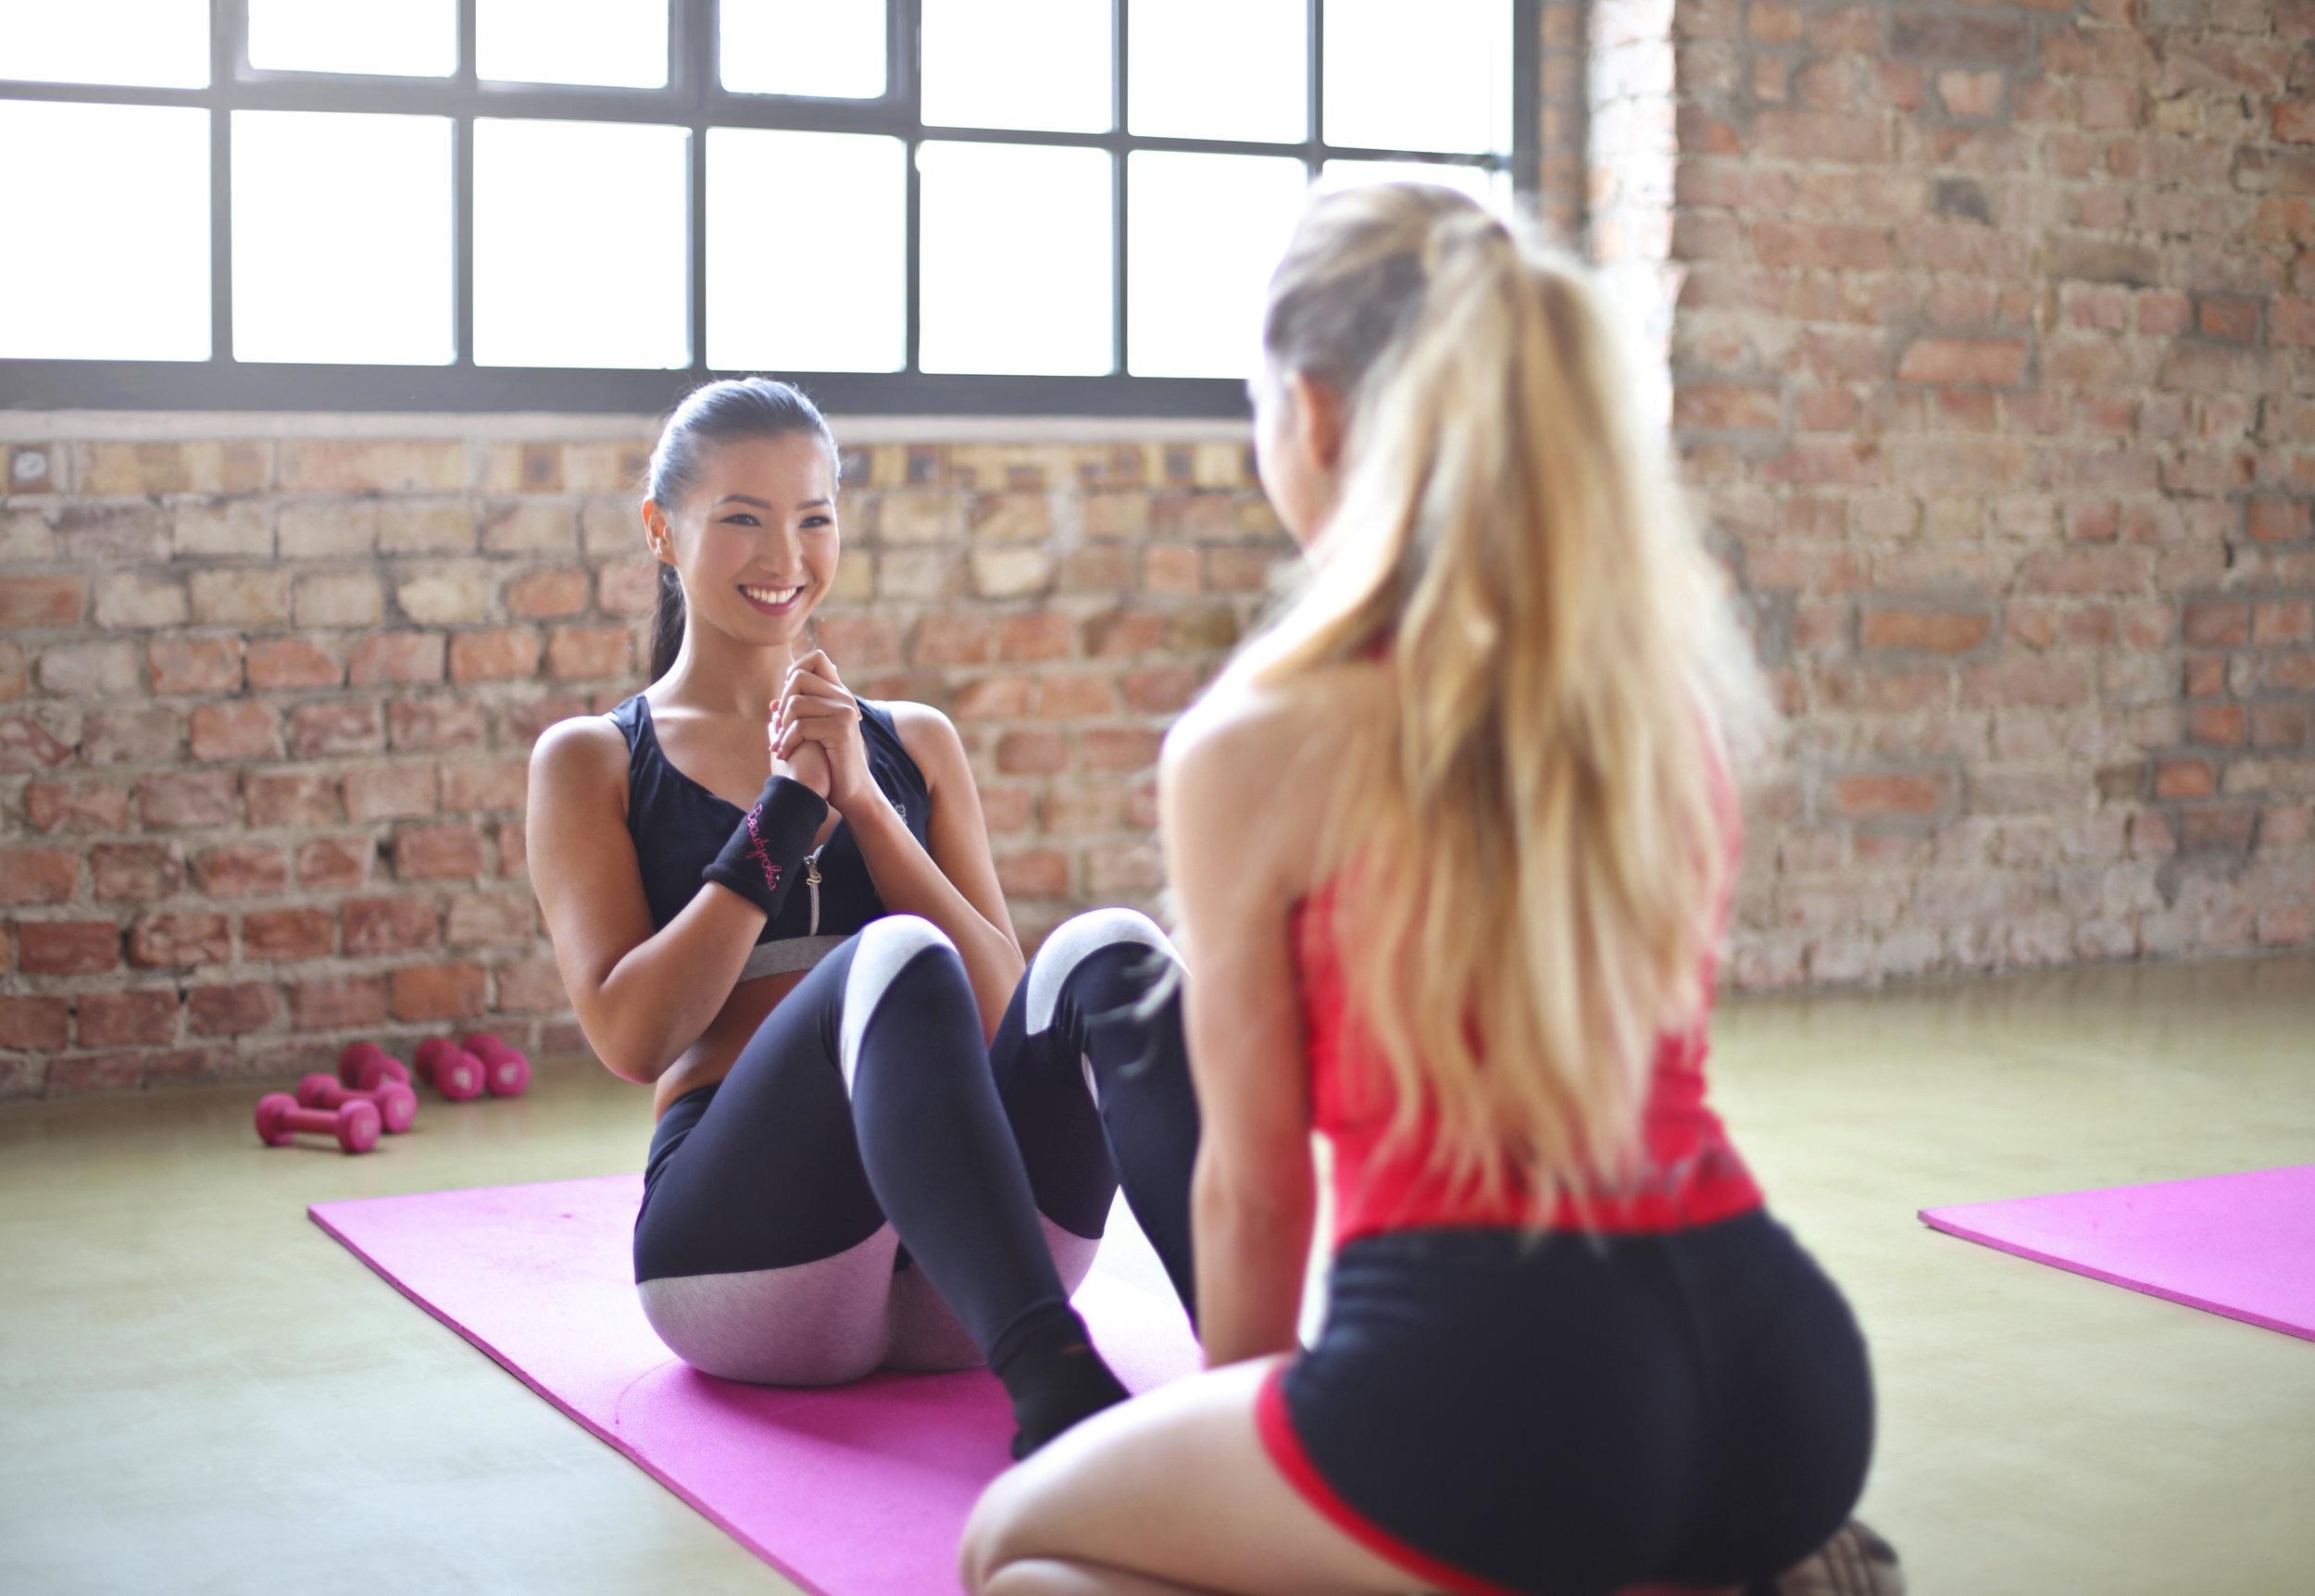 Esercizi addominali base per eliminare la pancia - Gli esercizi più efficaci sono quelli che contemplano tutti i muscoli:- Crunch (o piegamenti) per allenare il retto dell'addome da supini.- Torsioni del busto a destra o sinistra.- Esercizi con l'ausilio della palla medica per stimolare i muscoli obliqui.- Bicicletta o forbice con le gambe per allenare la parte bassa degli addominali.